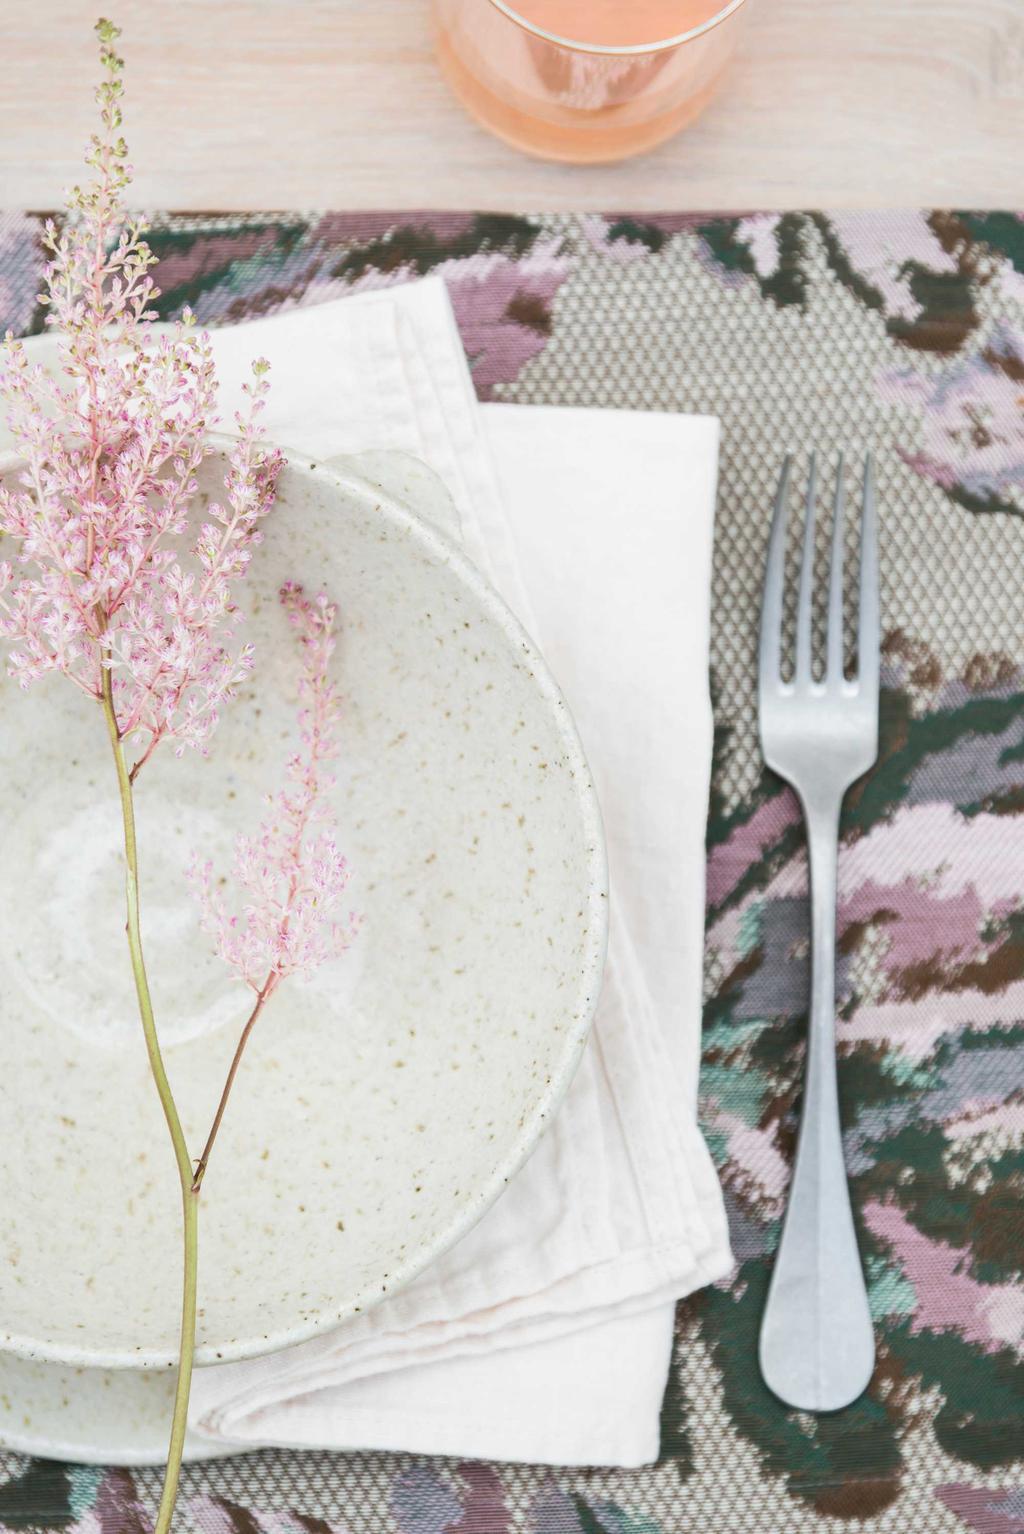 Wit servies met roze accent